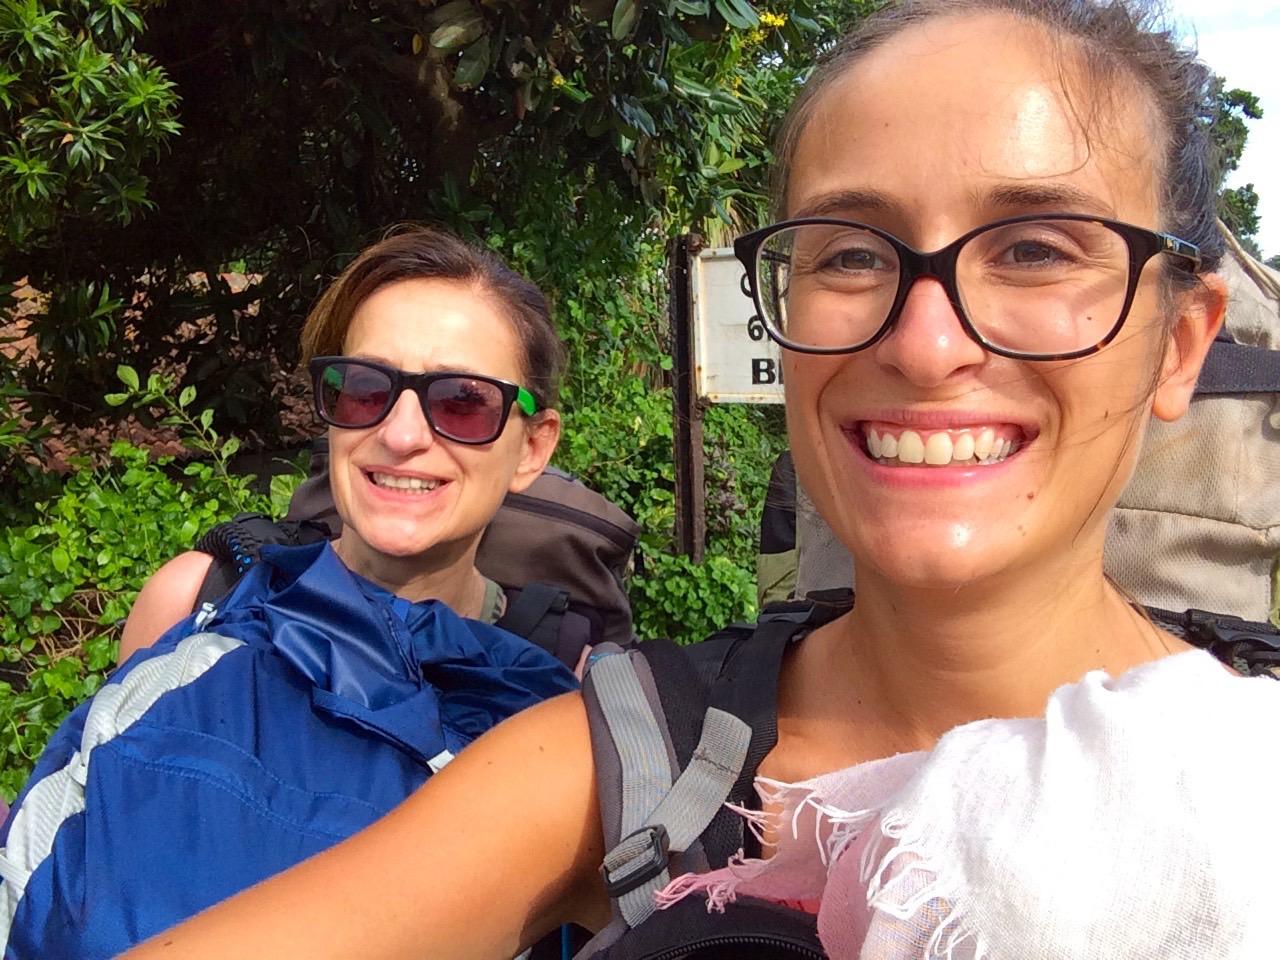 Mère et fille selfie